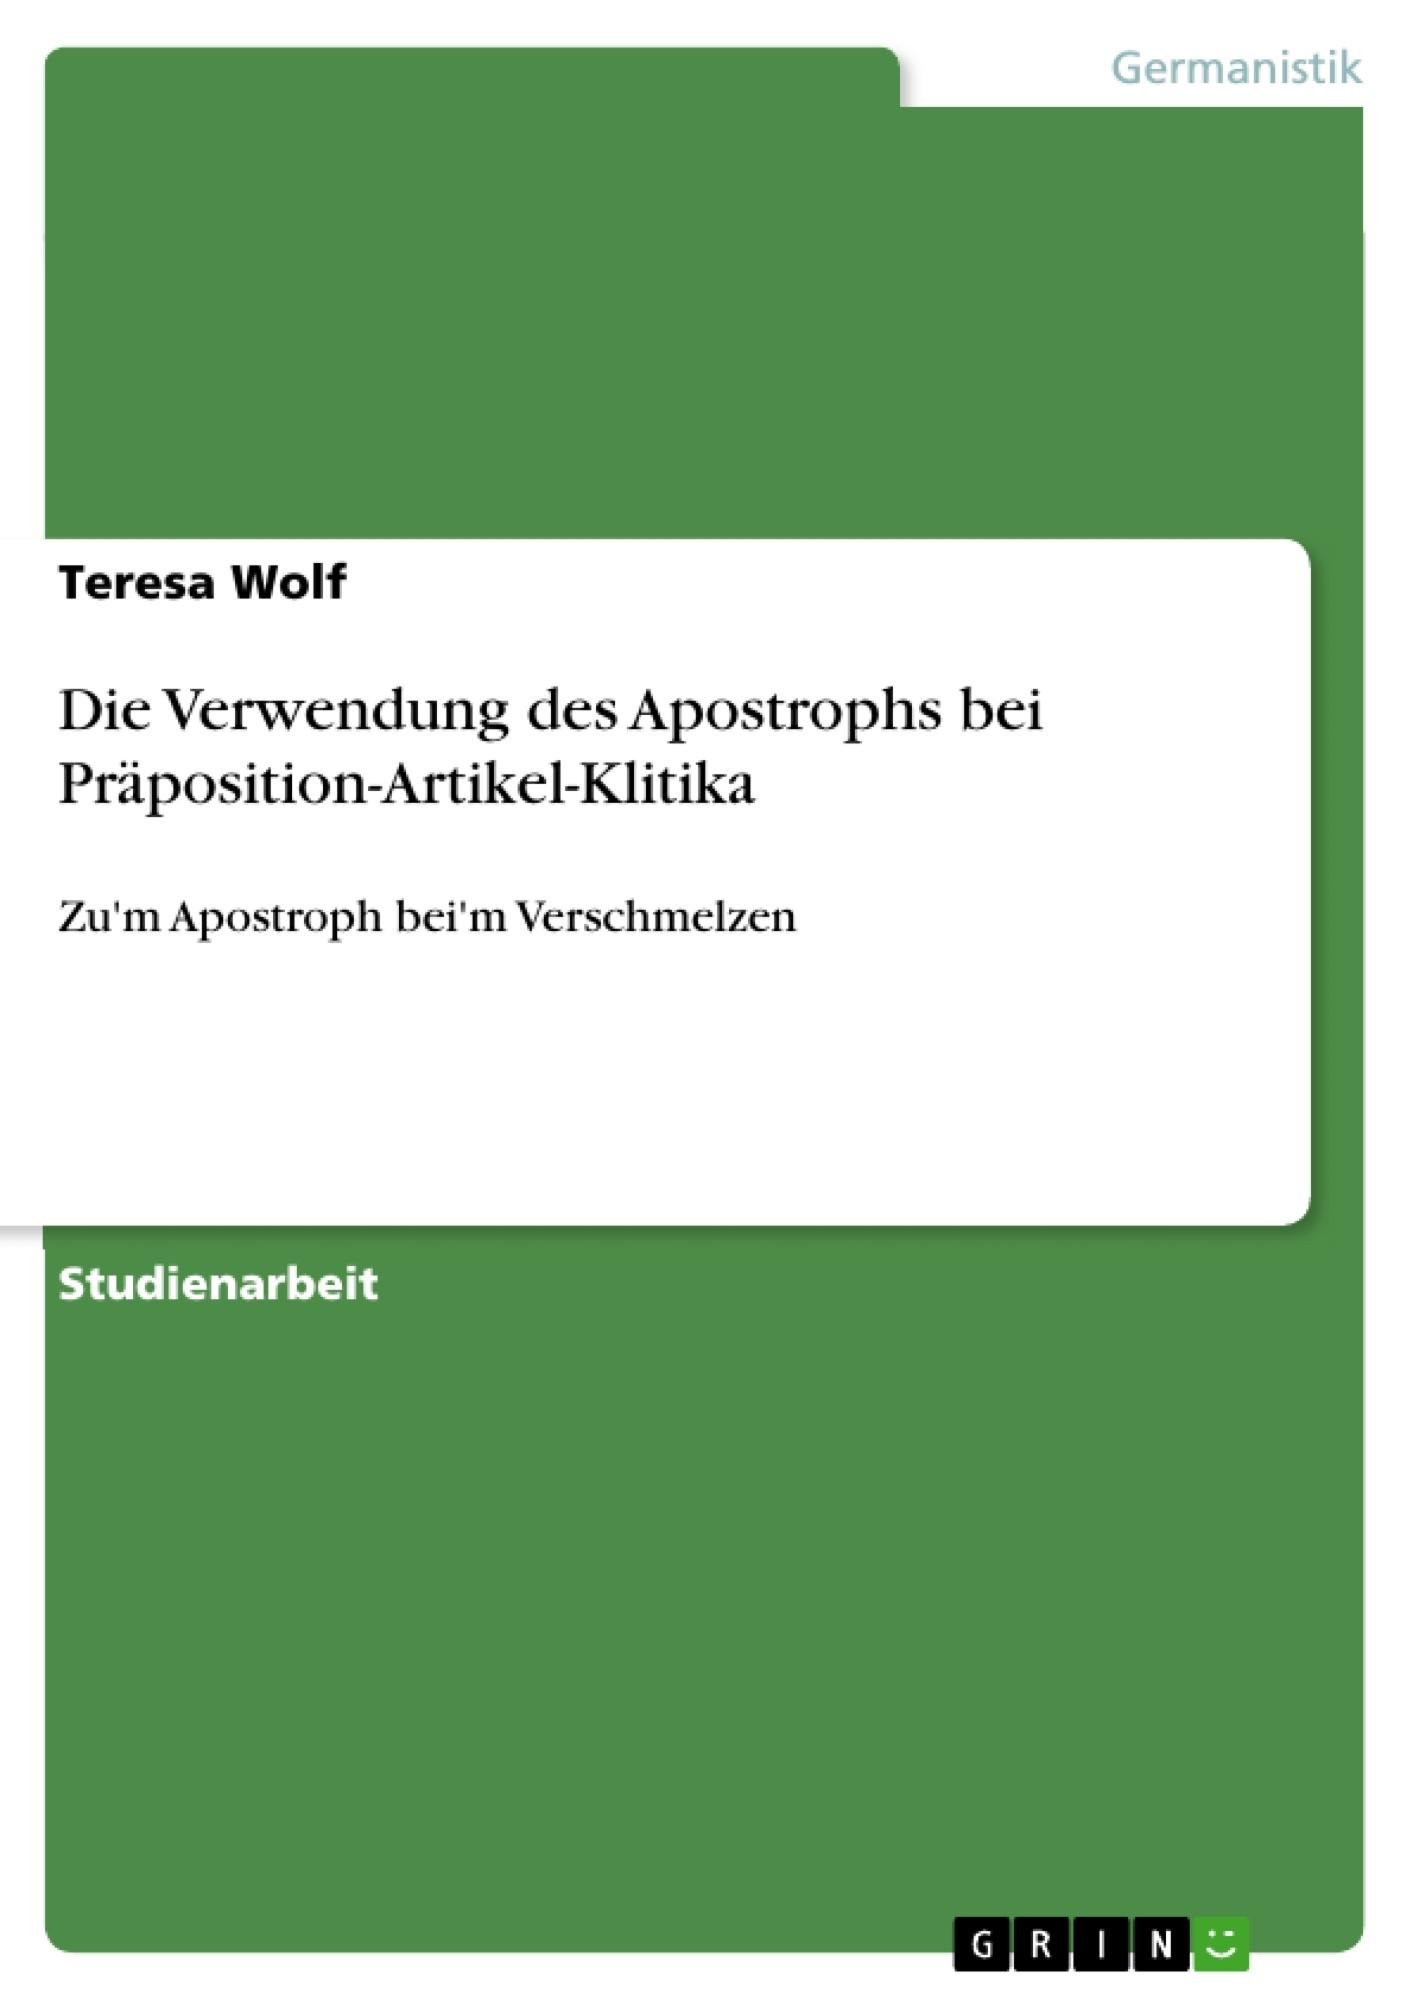 Titel: Die Verwendung des Apostrophs bei Präposition-Artikel-Klitika